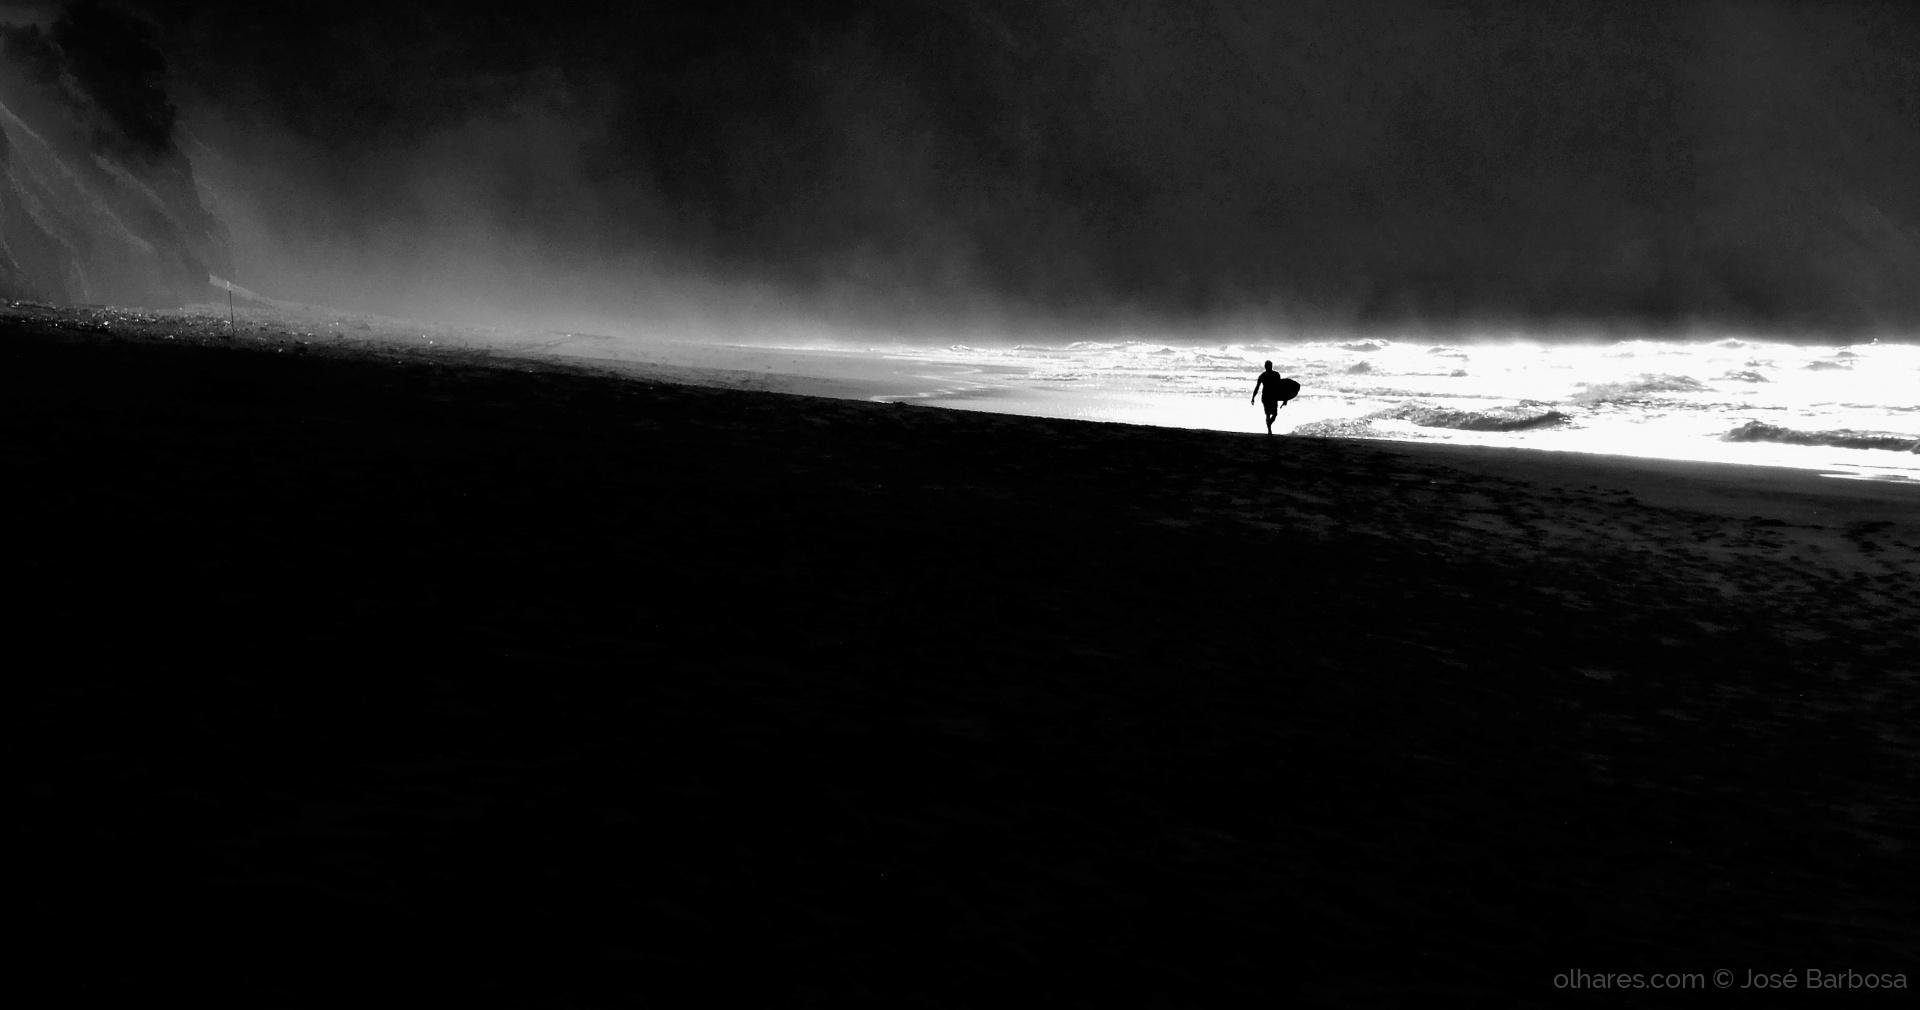 Desporto e Ação/The cosmic surfer of the mystic Universe of Light.